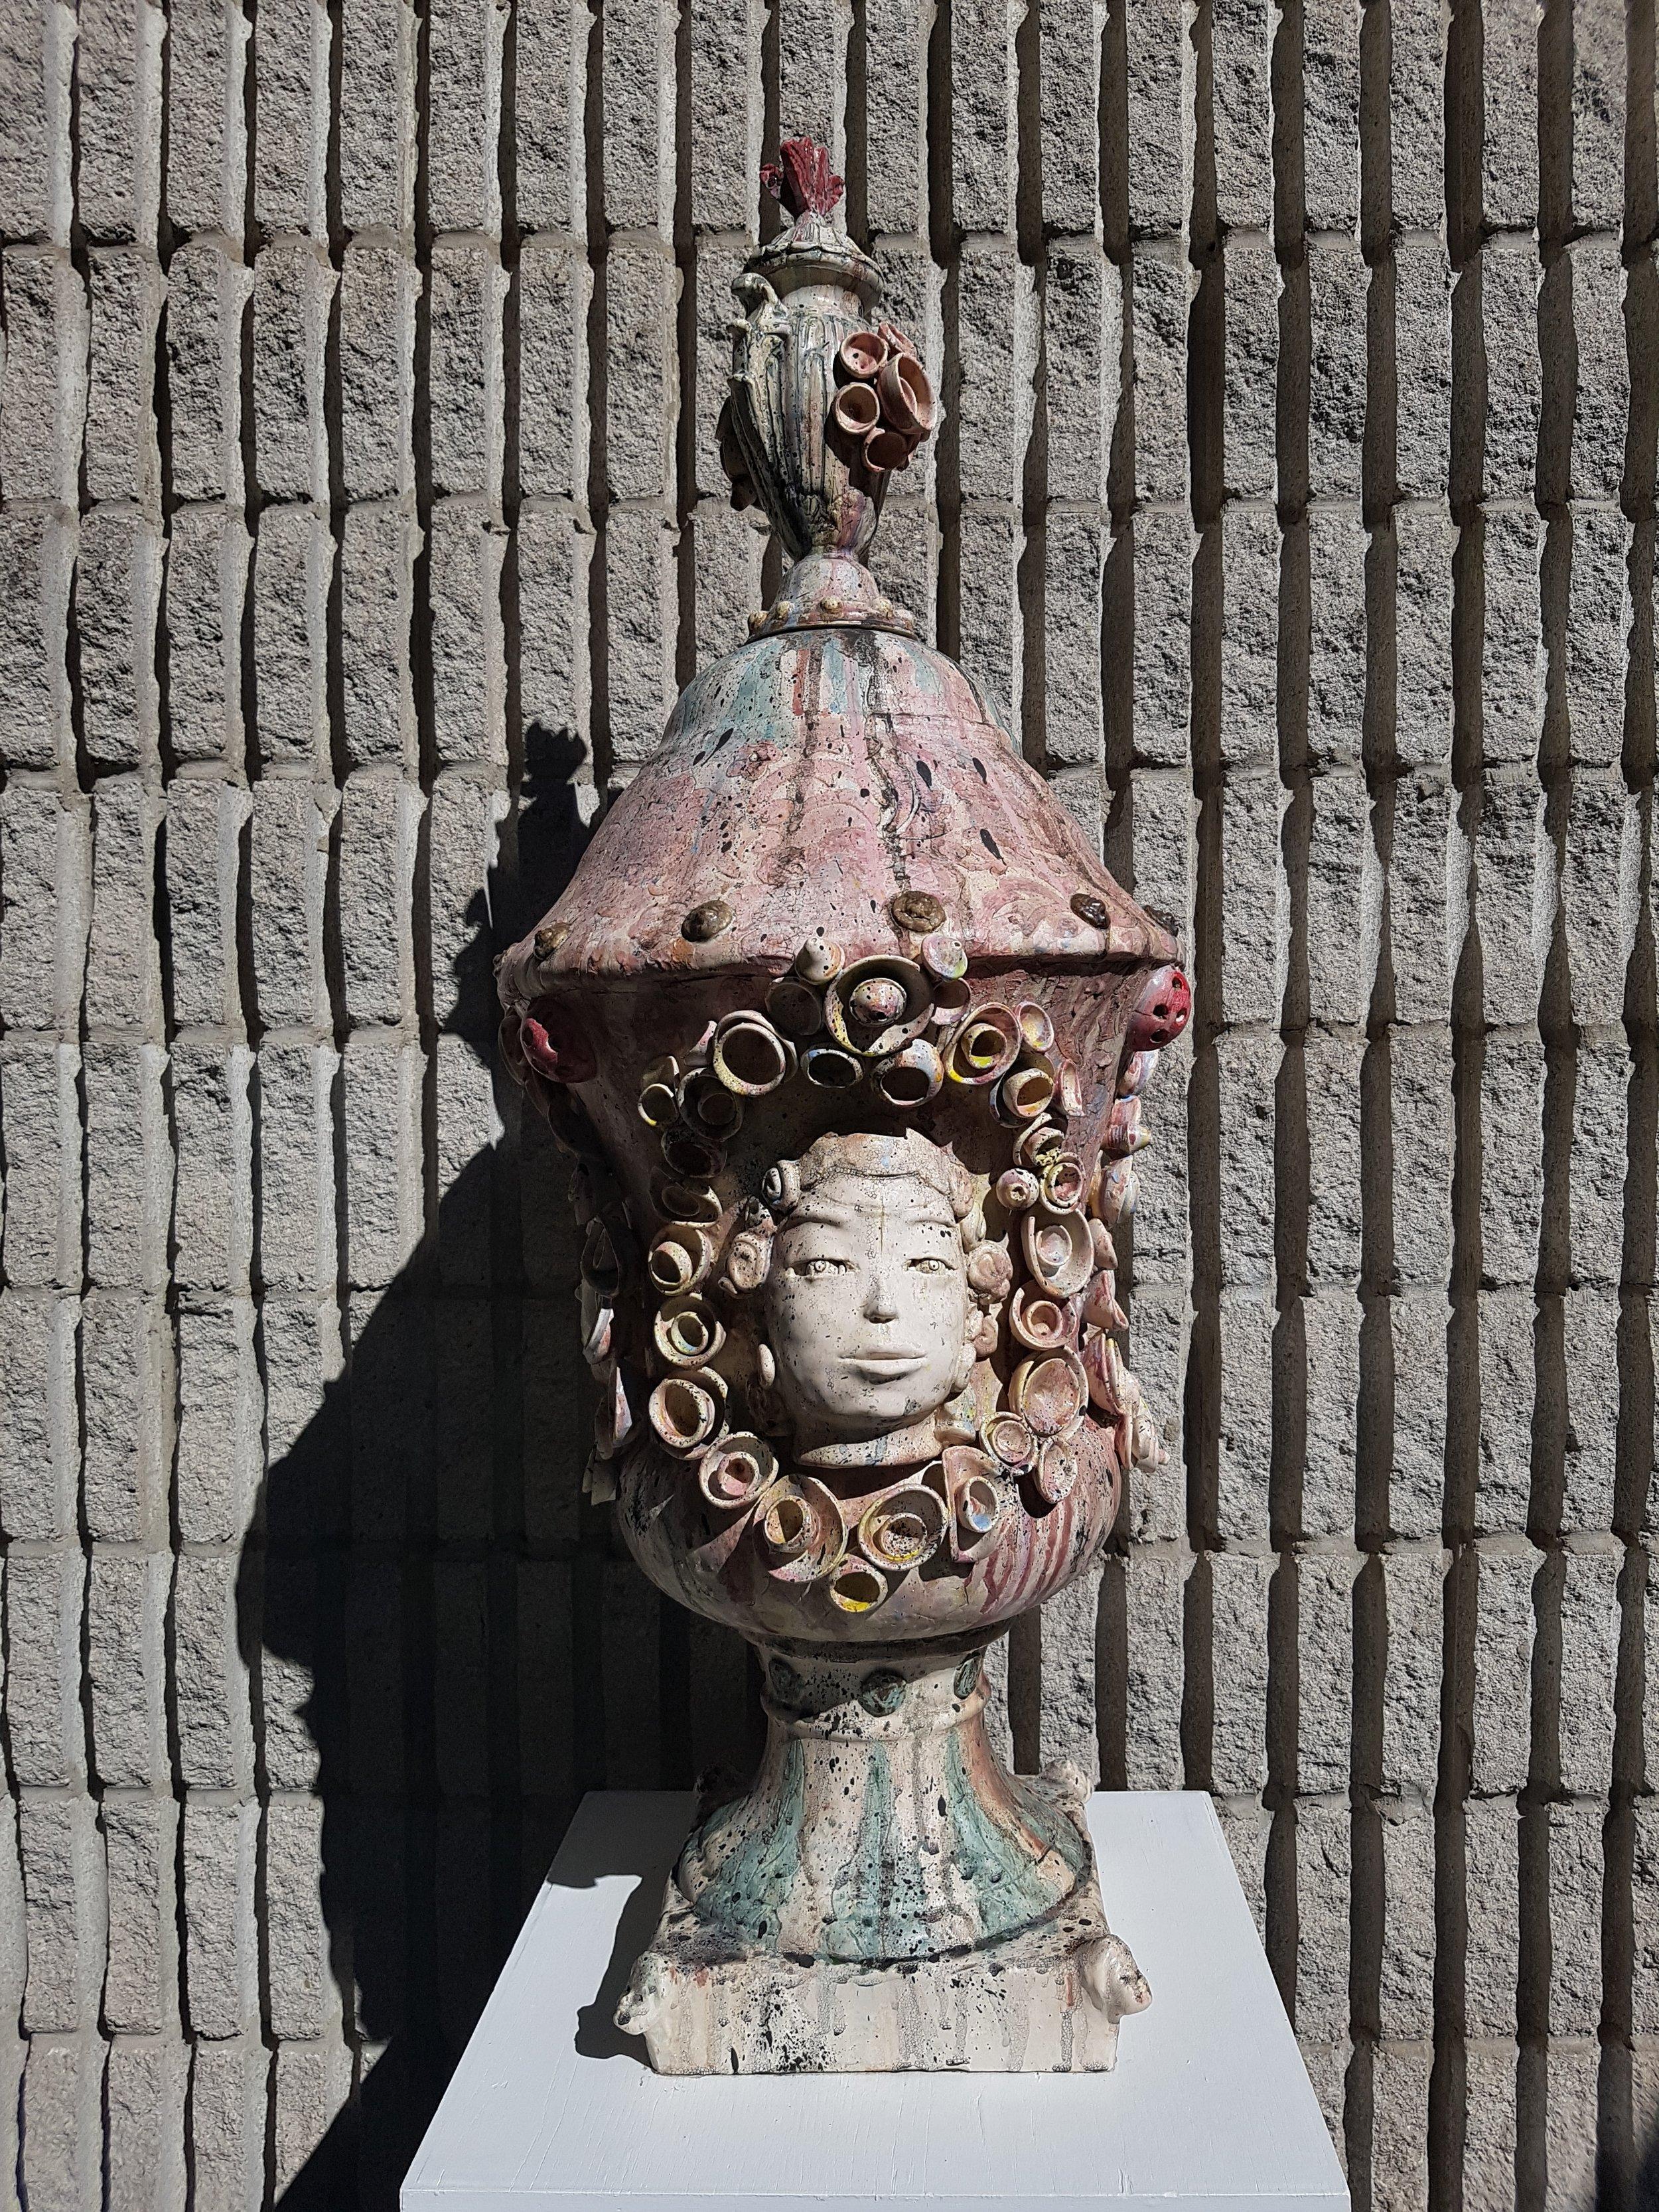 Joonheekim_Garden Urns 2.jpg